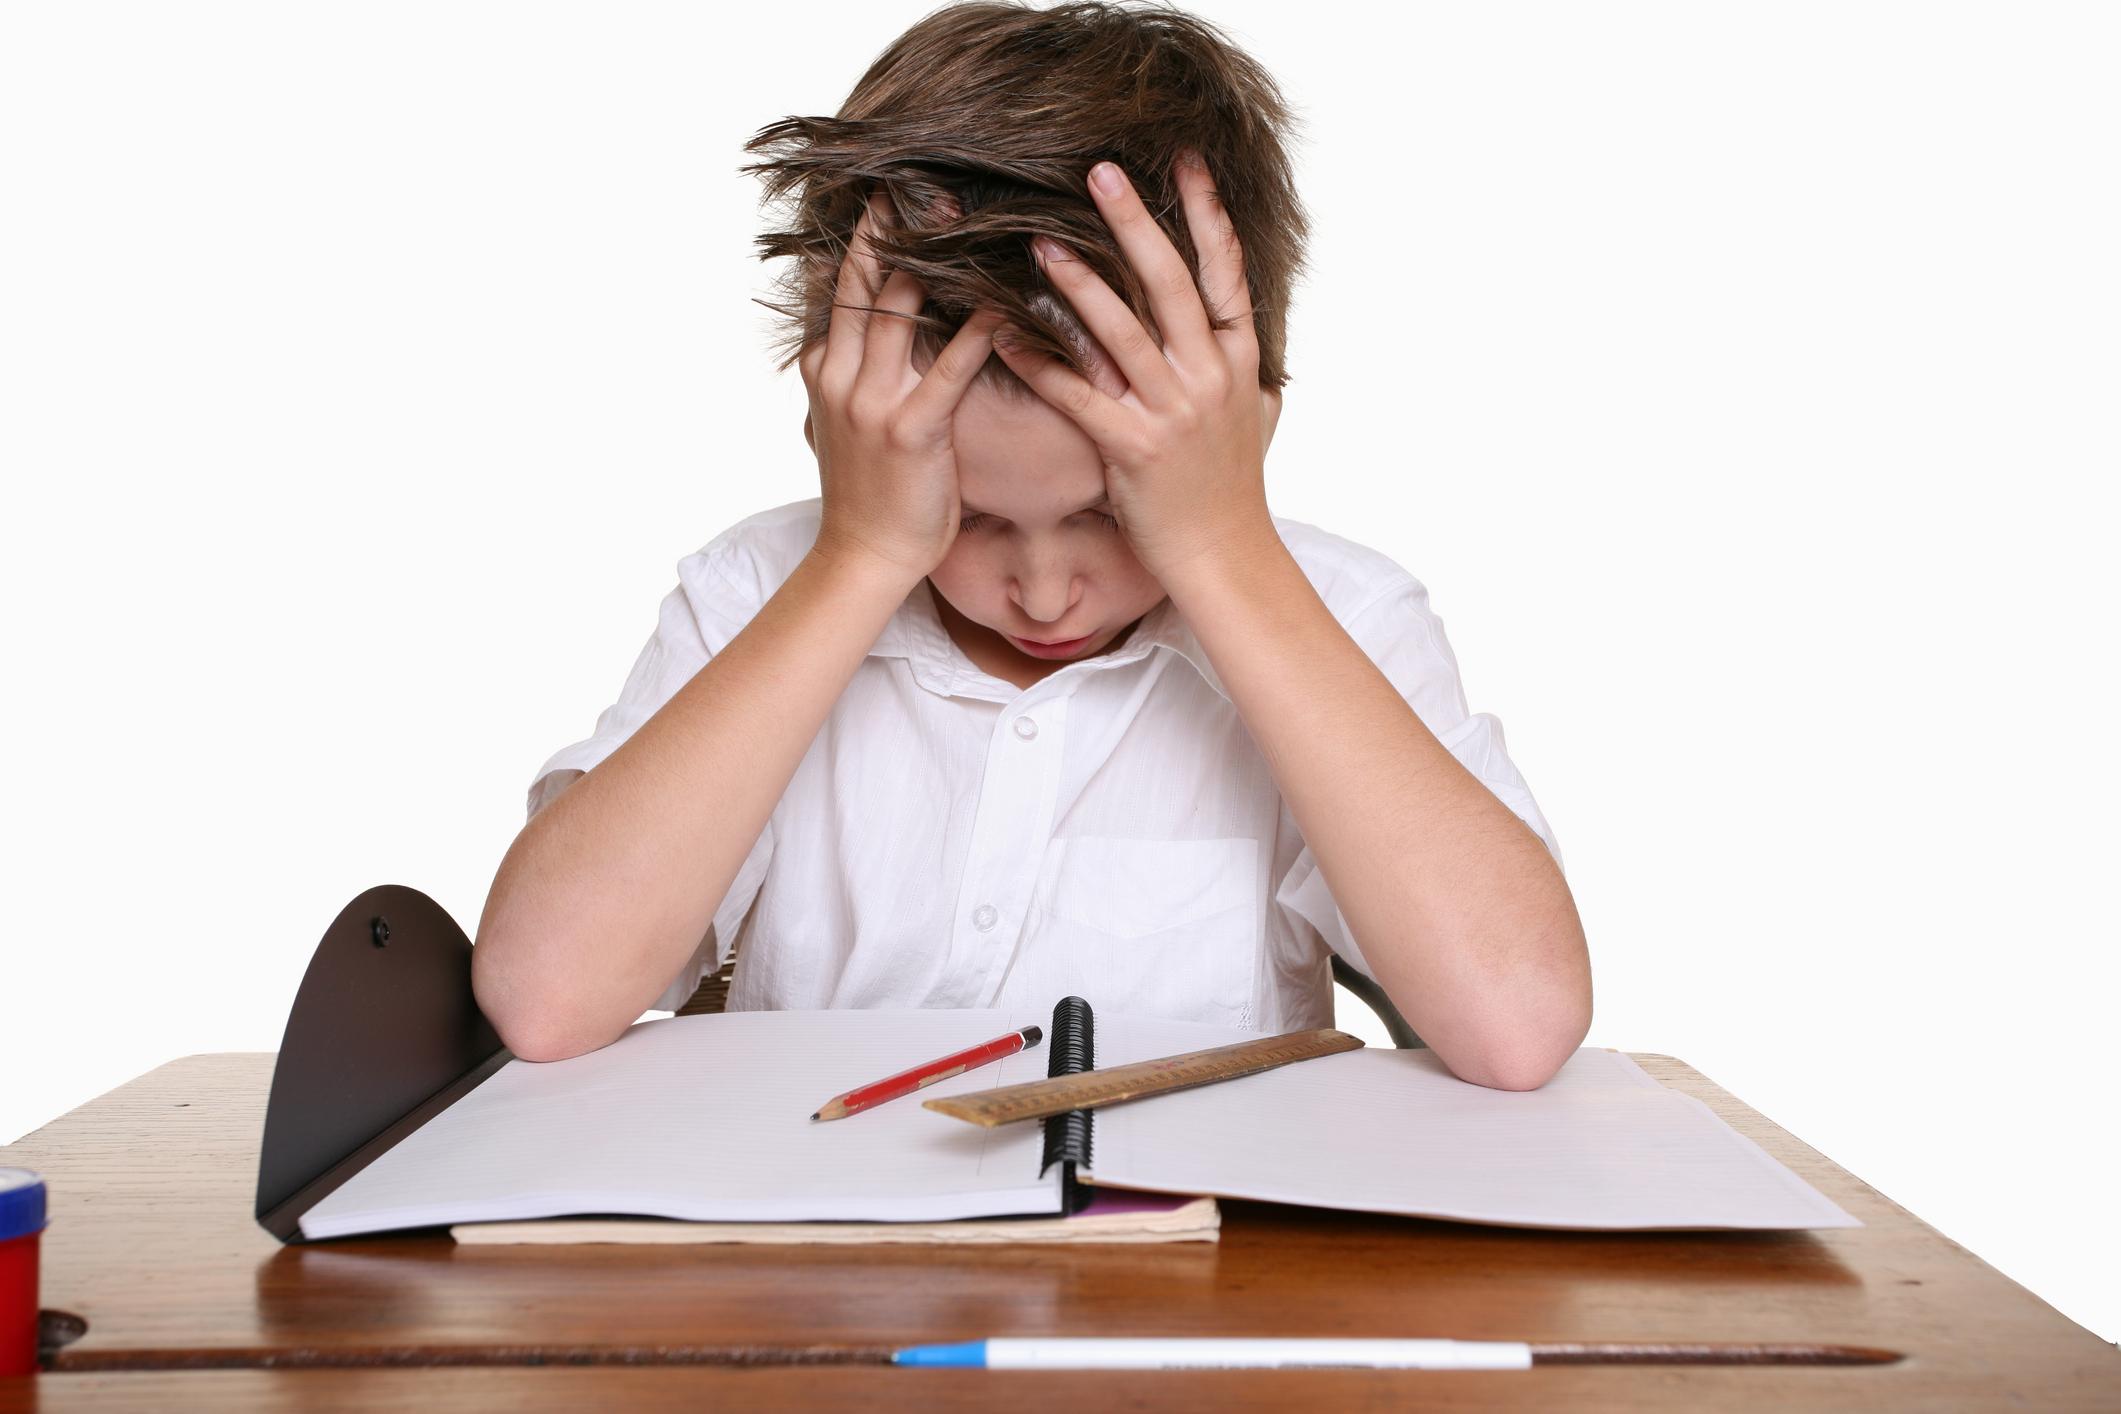 Lo lắng, stress cũng là nguyên nhân dẫn đến chứng bệnh dạ dày ở trẻ em